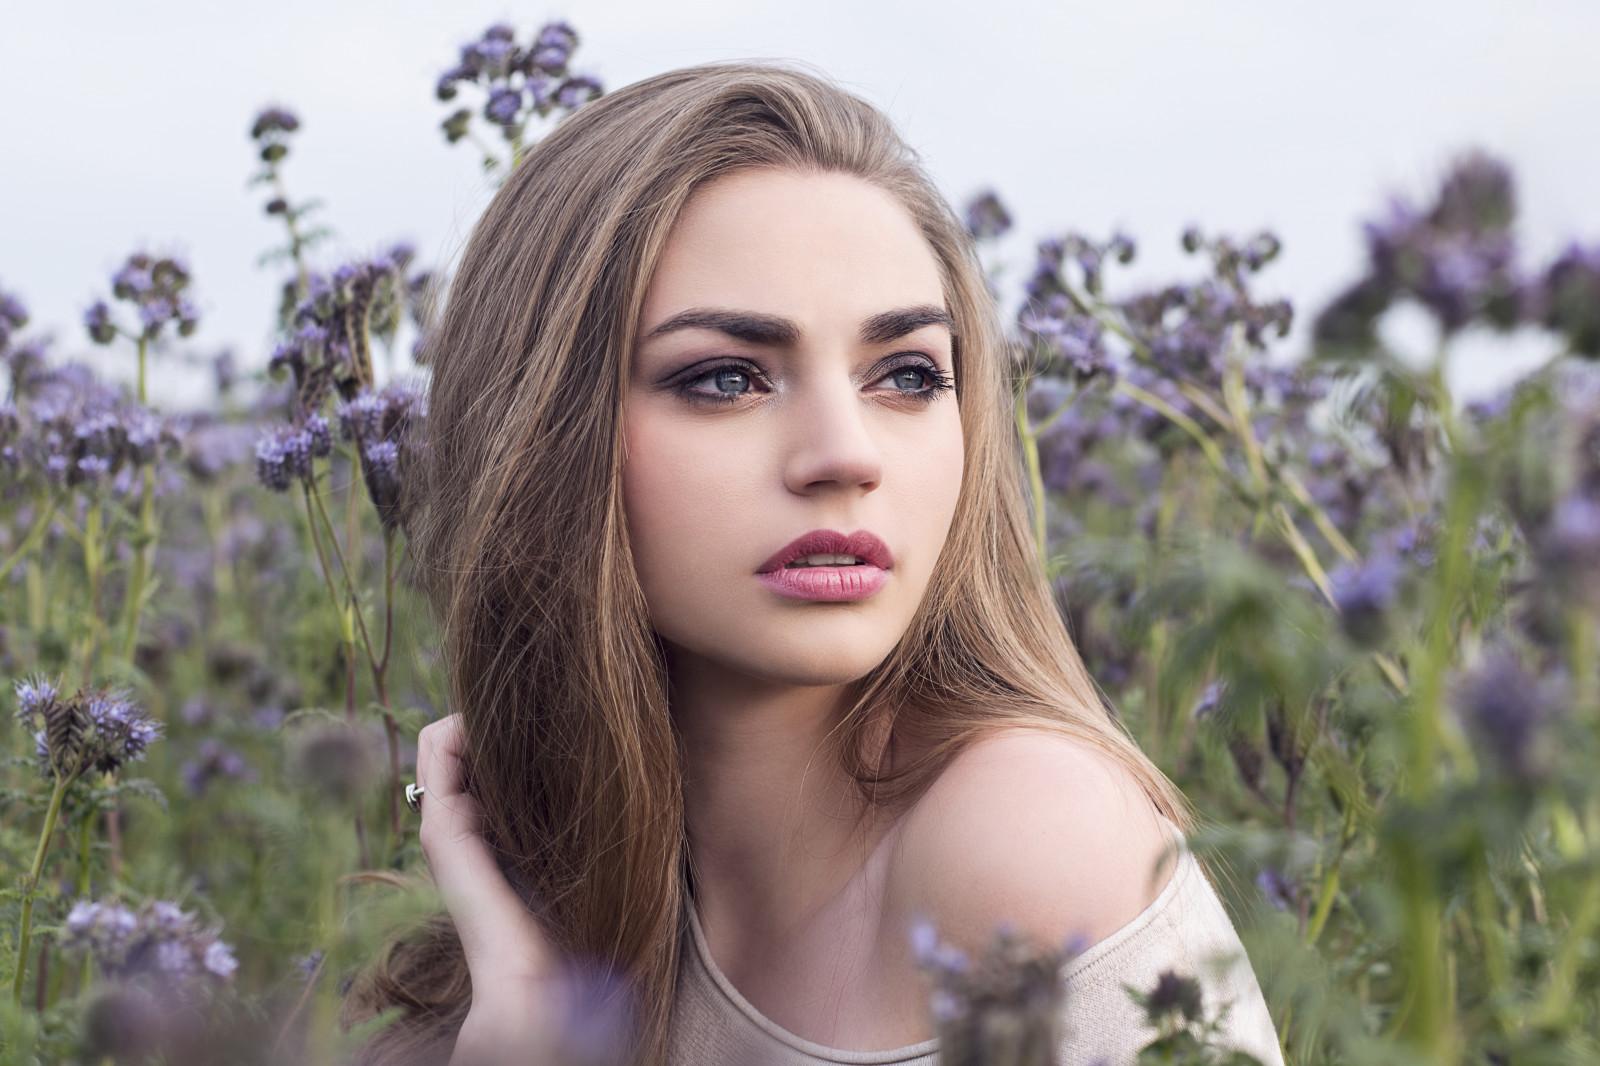 вон дрыхла натуральная женская красота фото далекие